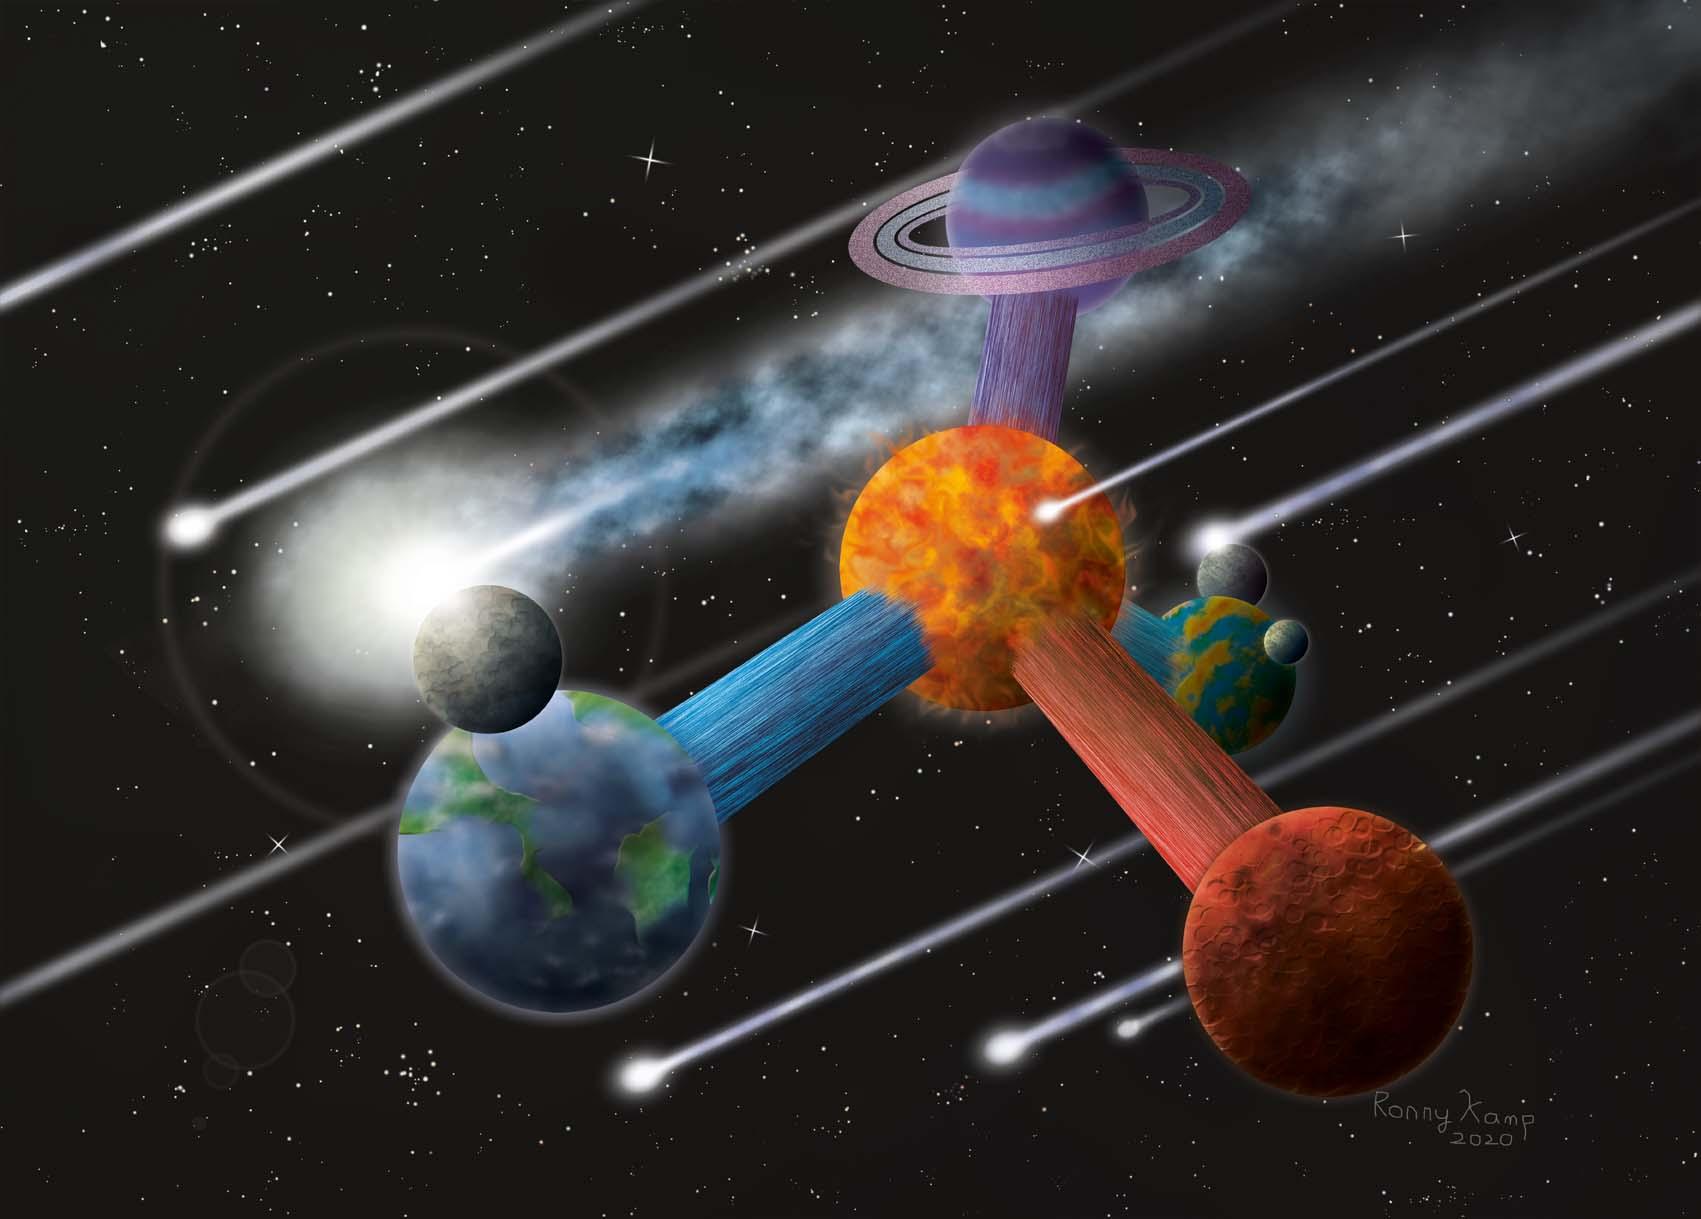 Uitbeelding van de universele waarheid <br>dat het altijd zowel groter als kleiner kan. Oneindigheid strekt zich niet alleen uit naar buiten<br>maar ook naar binnen.